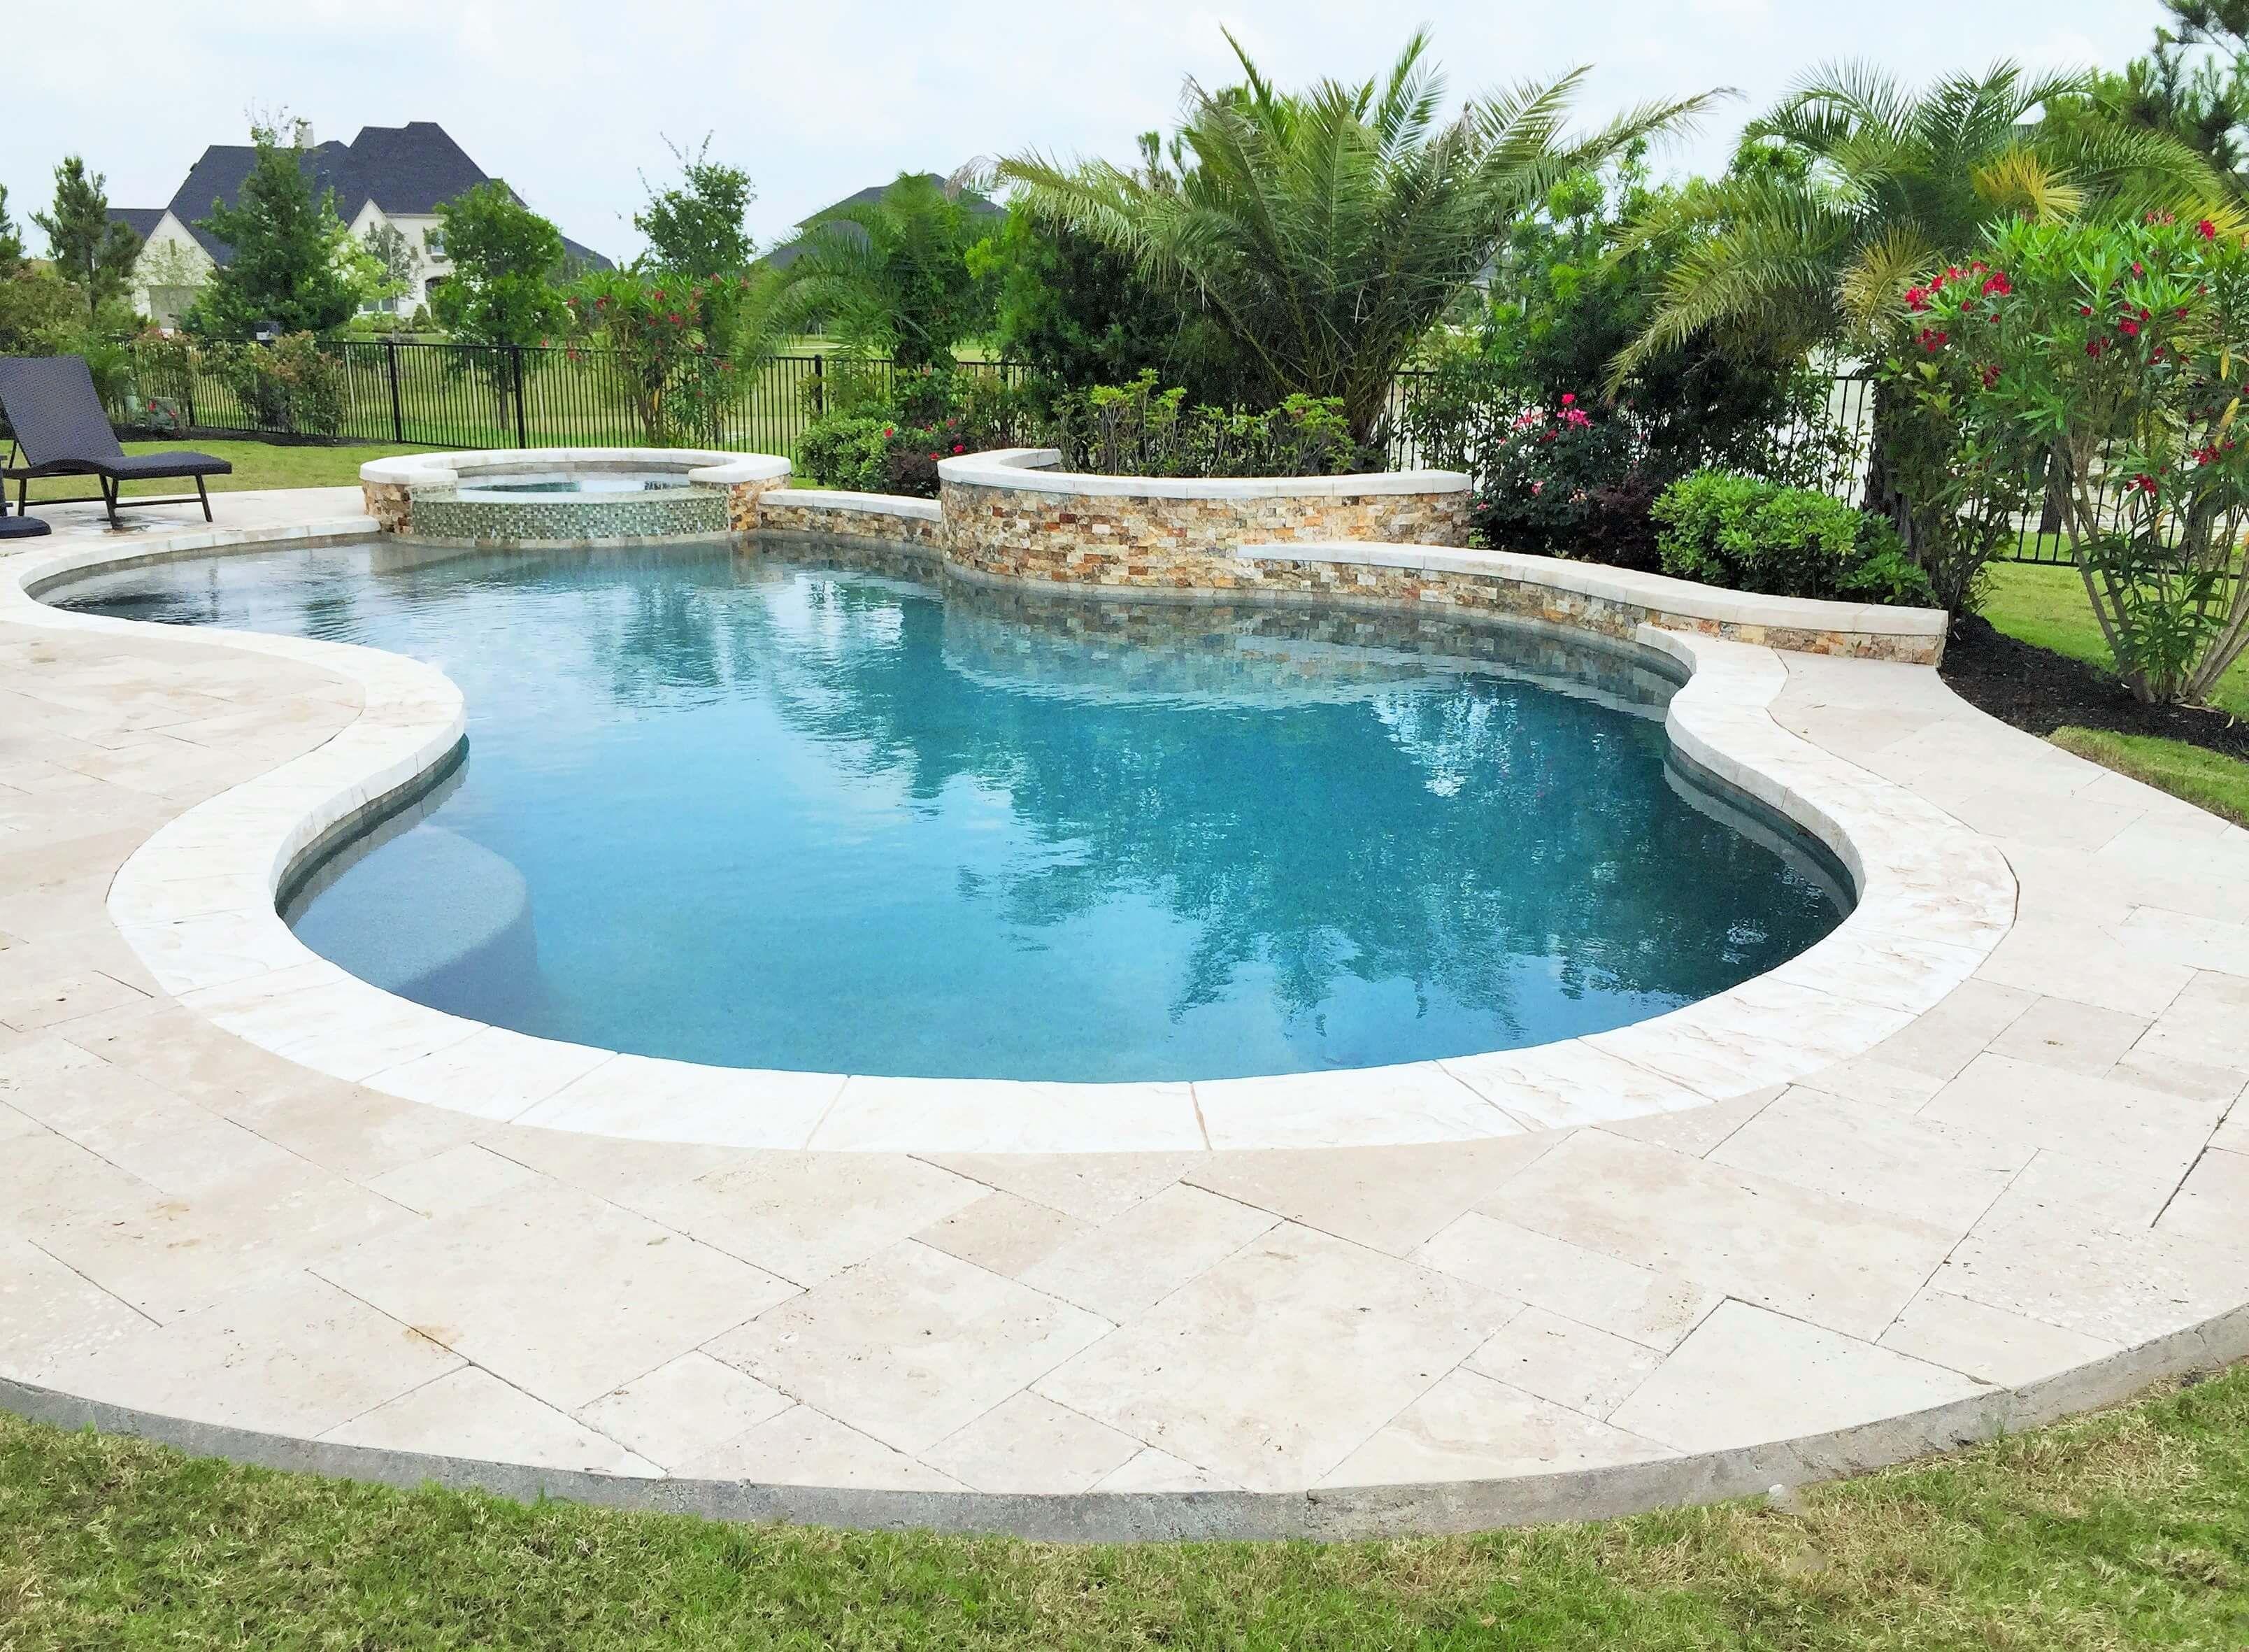 Pools Spas Gallery Custom Inground Pools In Houston Freeform Pools Backyard Pool Landscaping Swimming Pool Designs